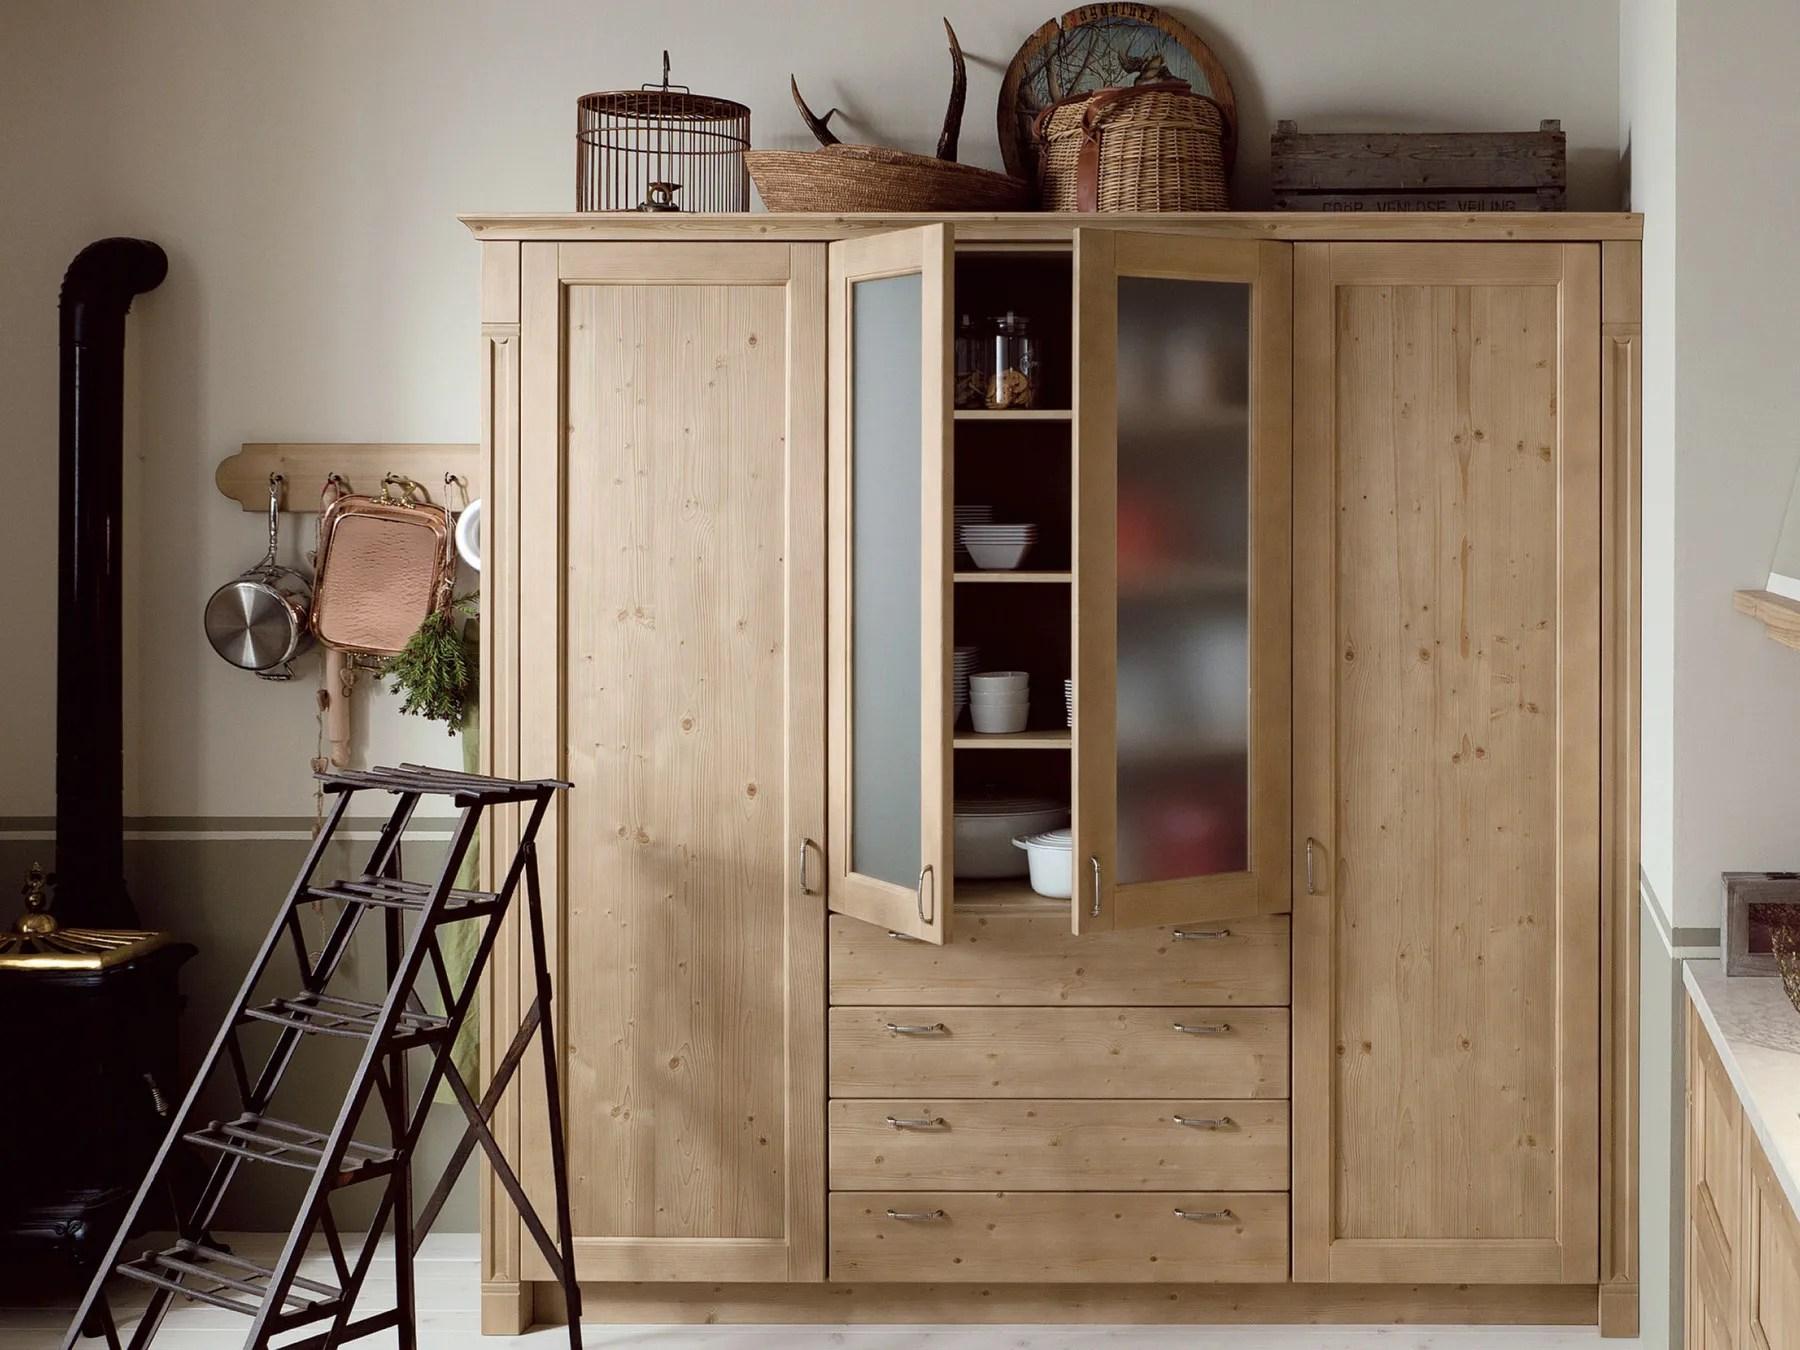 Cucina lineare in stile rustico TABI T02 by Scandola Mobili